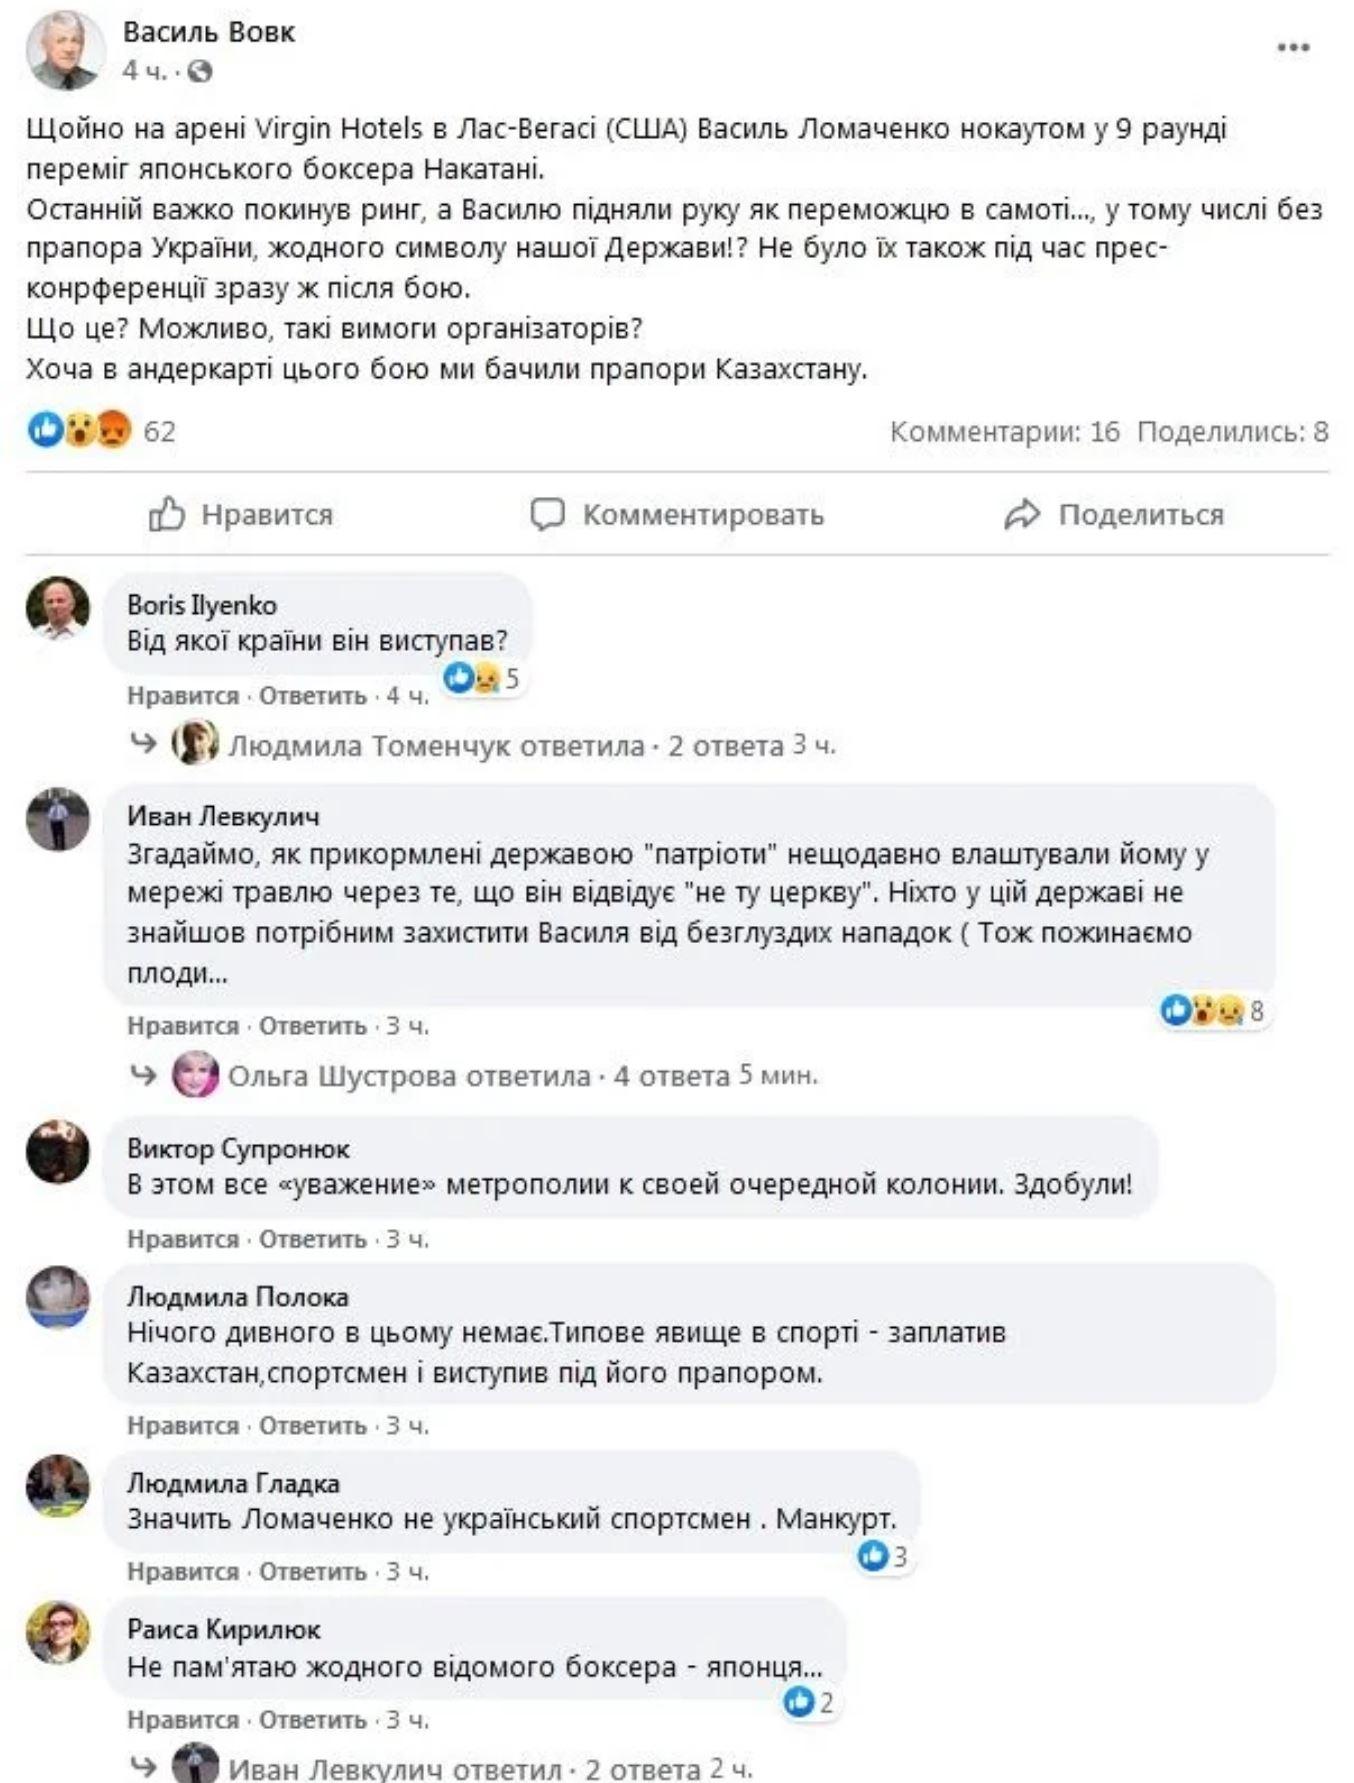 Ломаченко отказался взять флаг Украины после победы: в сети волна возмущения